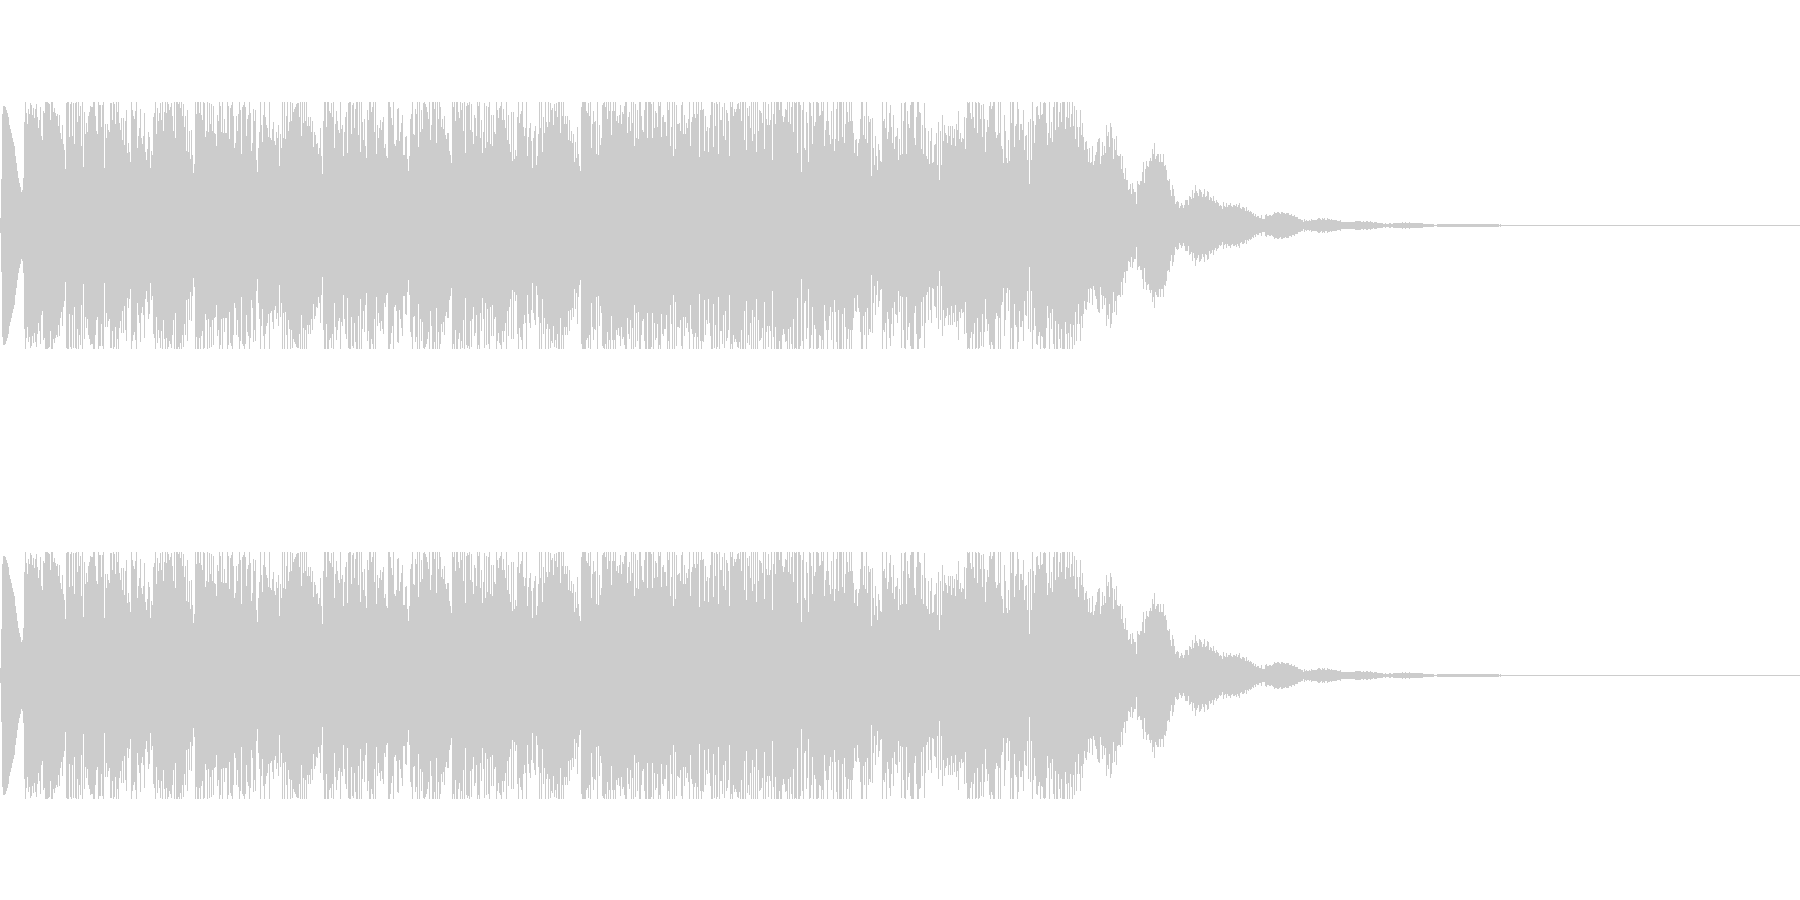 発車メロディ6の未再生の波形